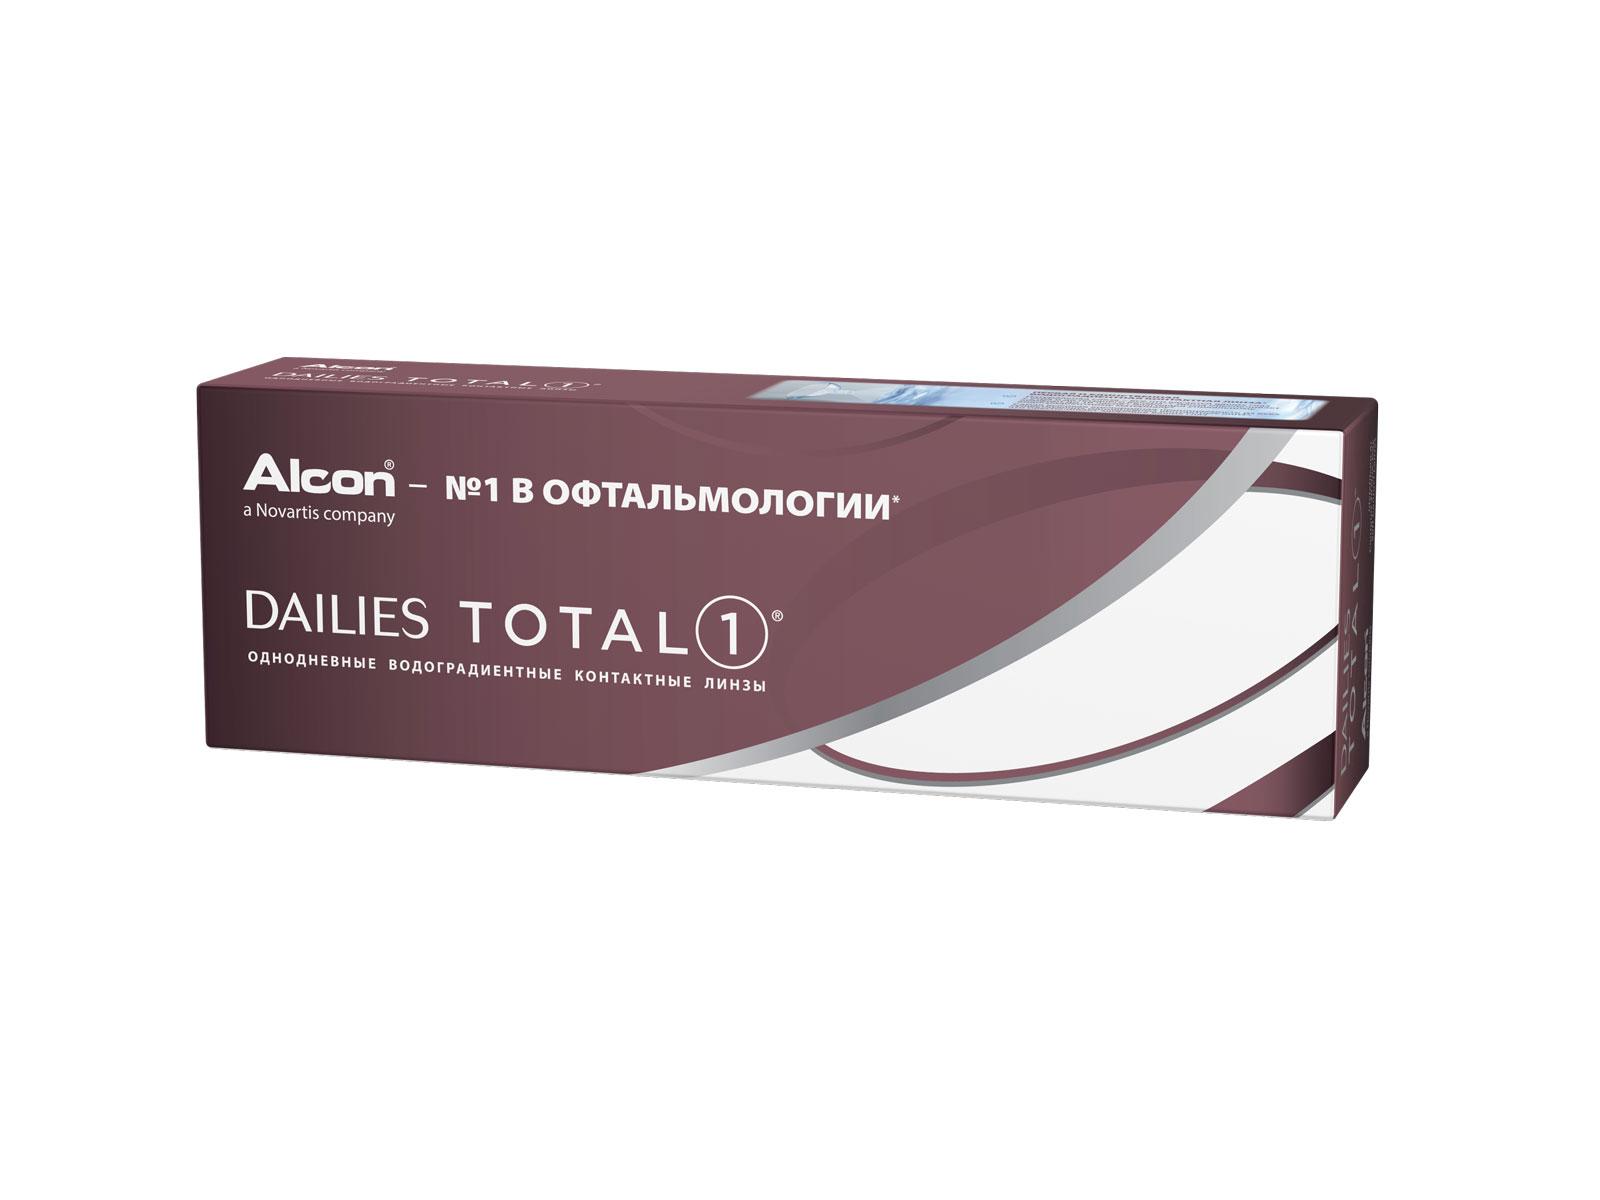 Alcon контактные линзы Dailies Total 1 30pk /-9.50 / 8.5 / 14.1100012428Dailies Total 1 – линзы, которые не чувствуешь с утра и до поздного вечера. Эти однодневные контактные линзы выполнены из уникального водоградиентного материала, багодаря которому натуральная слеза – это все, что касается ваших глаз. Почти 100% влаги на поверхности обеспечивают непревзойденный комфорт до 16 часов ношения.